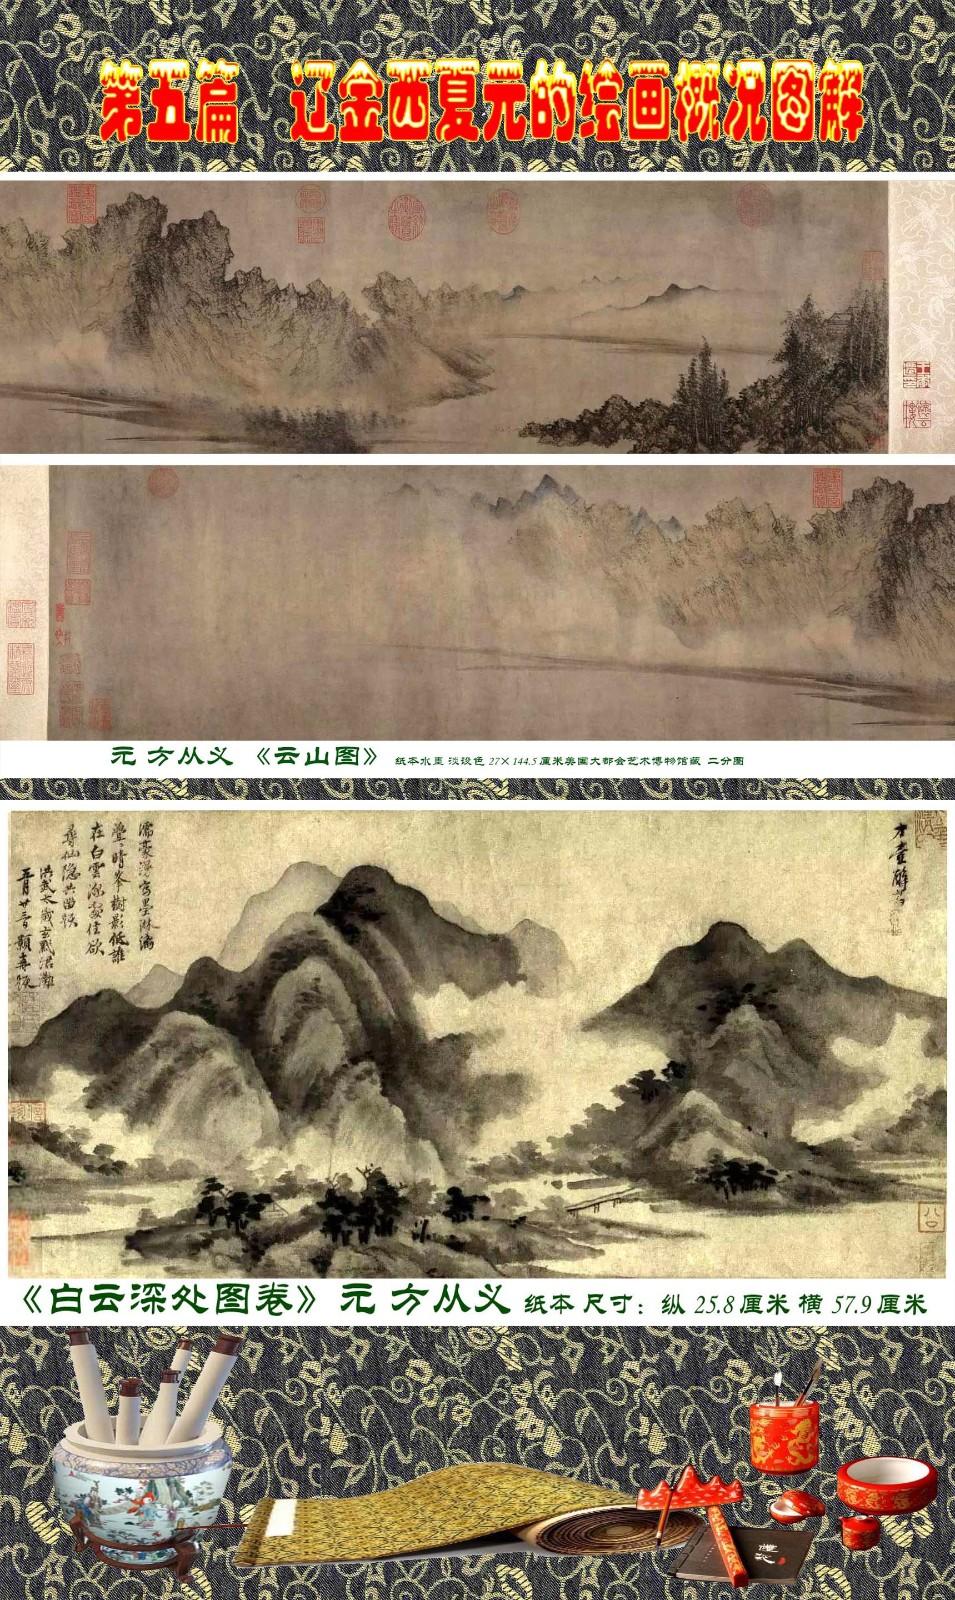 顾绍骅编辑 中国画知识普及版 第五篇 辽金西夏元的绘画概况 下 ... ..._图1-42